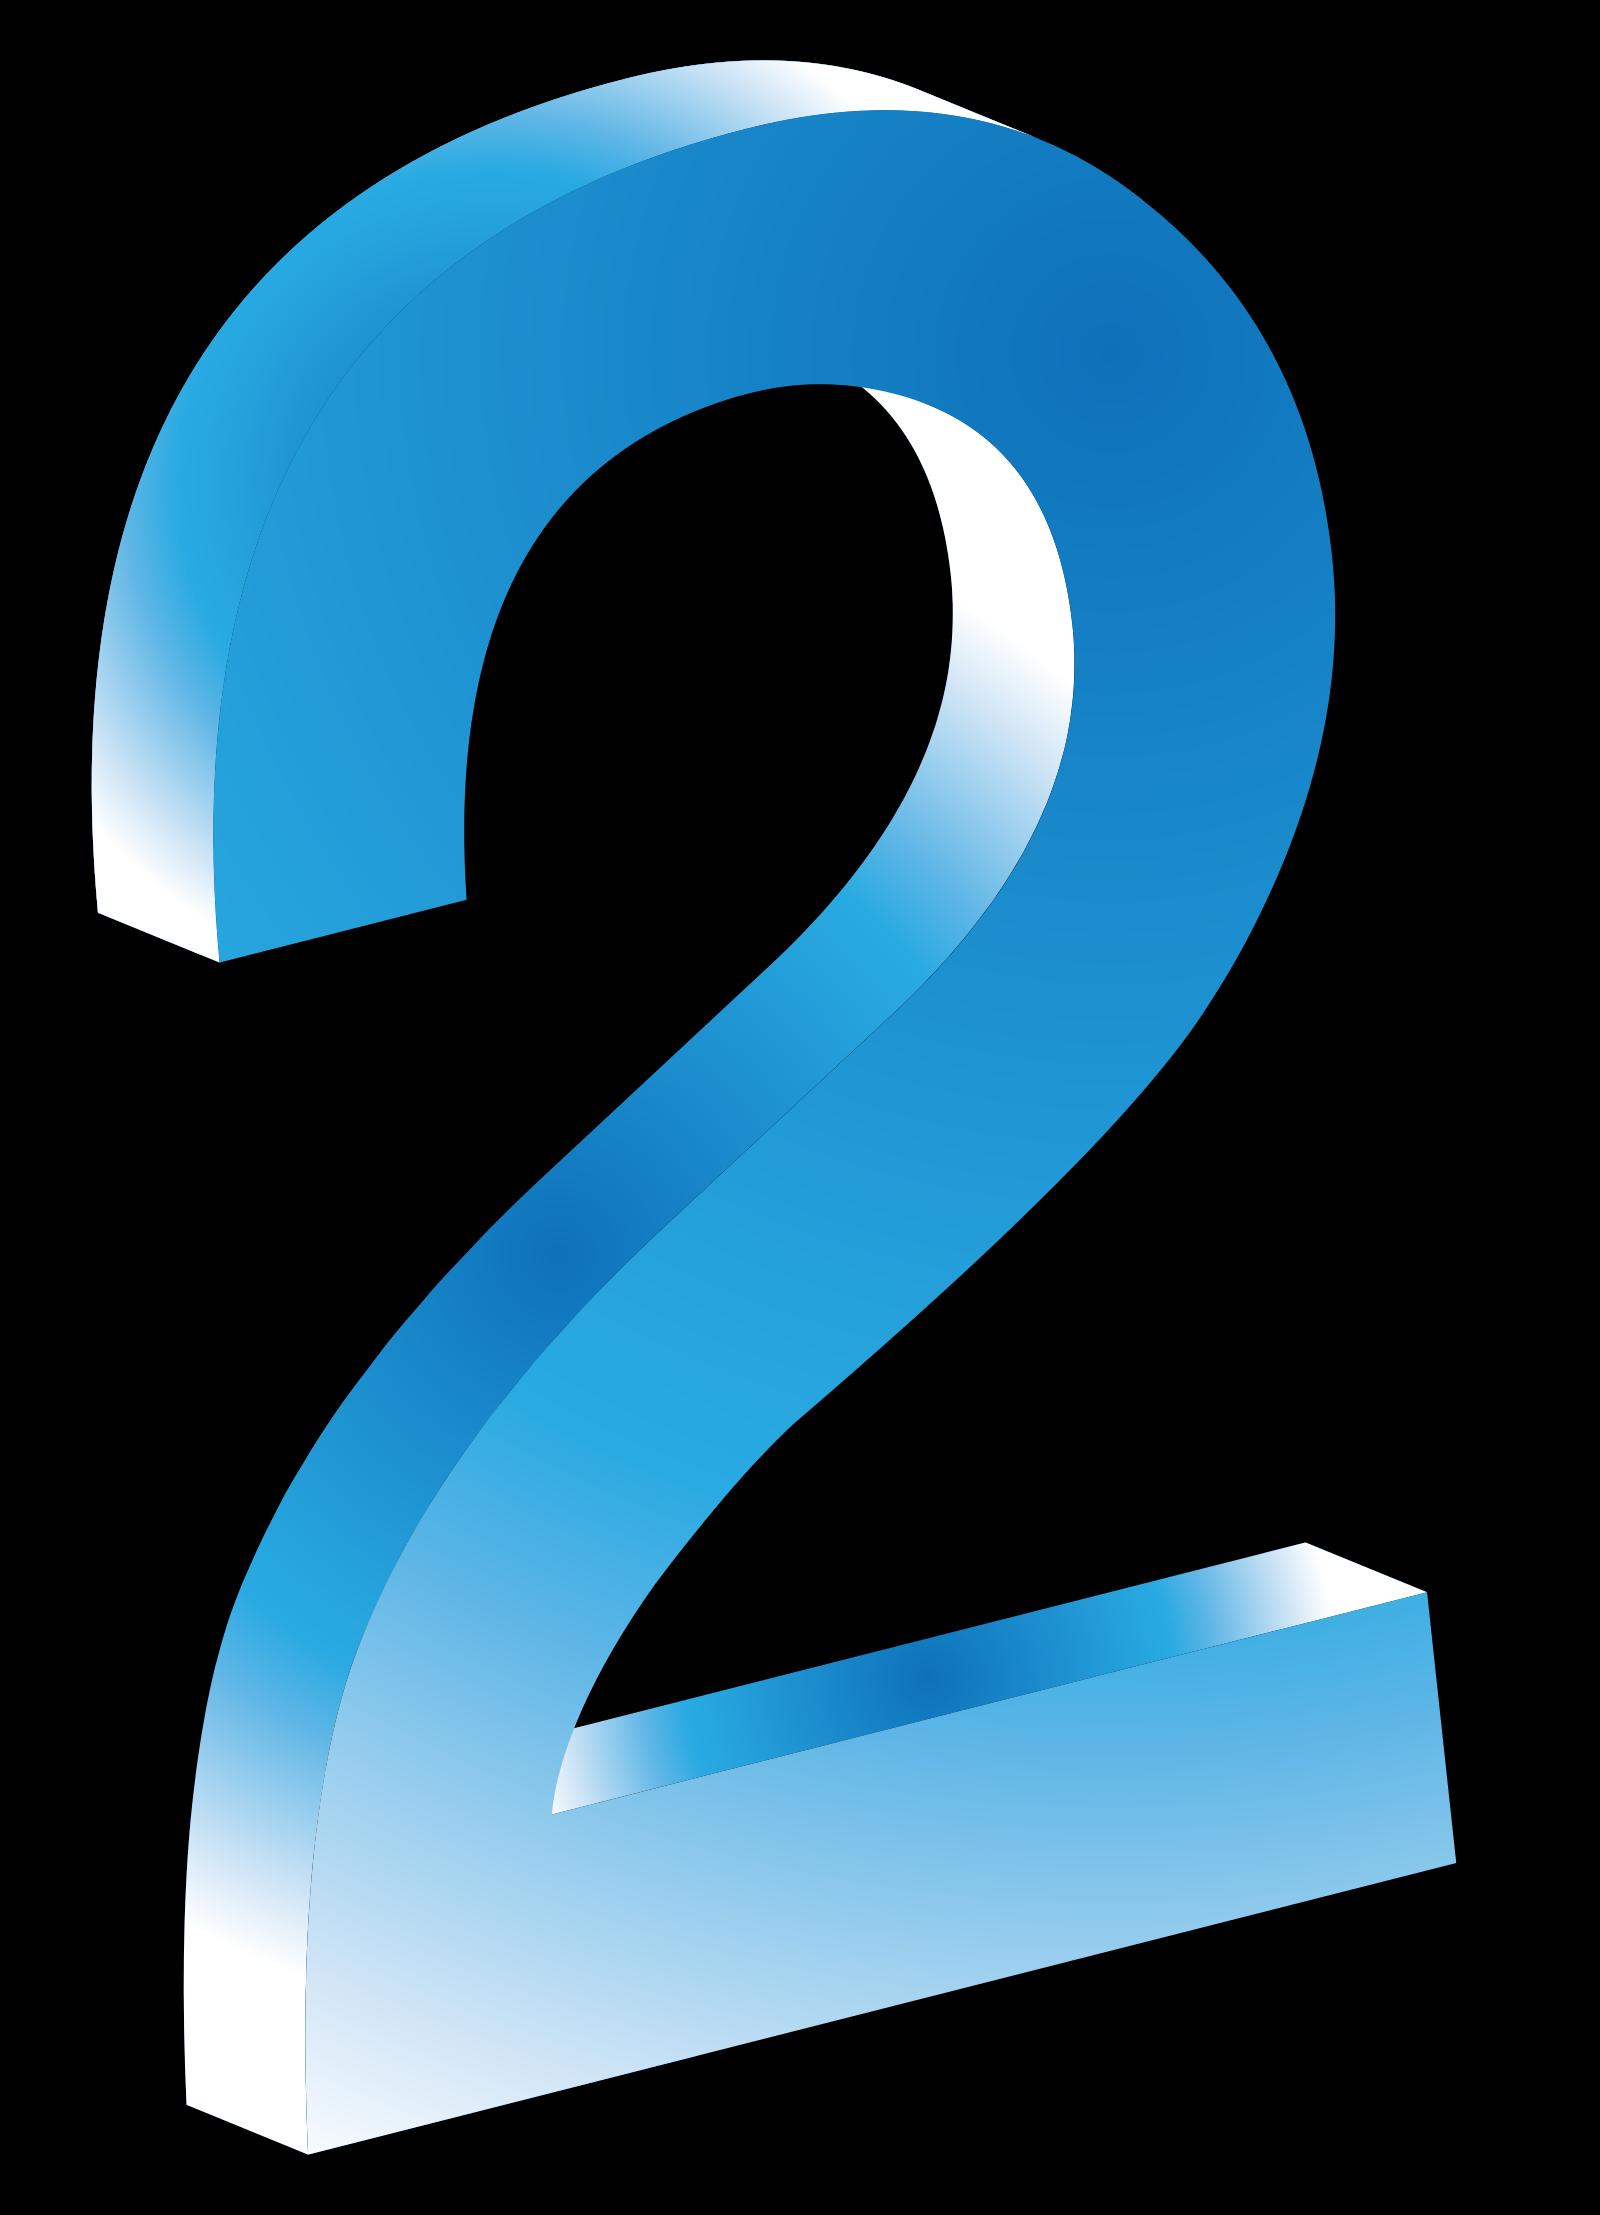 Number 19 Blue Background SVG Clip arts